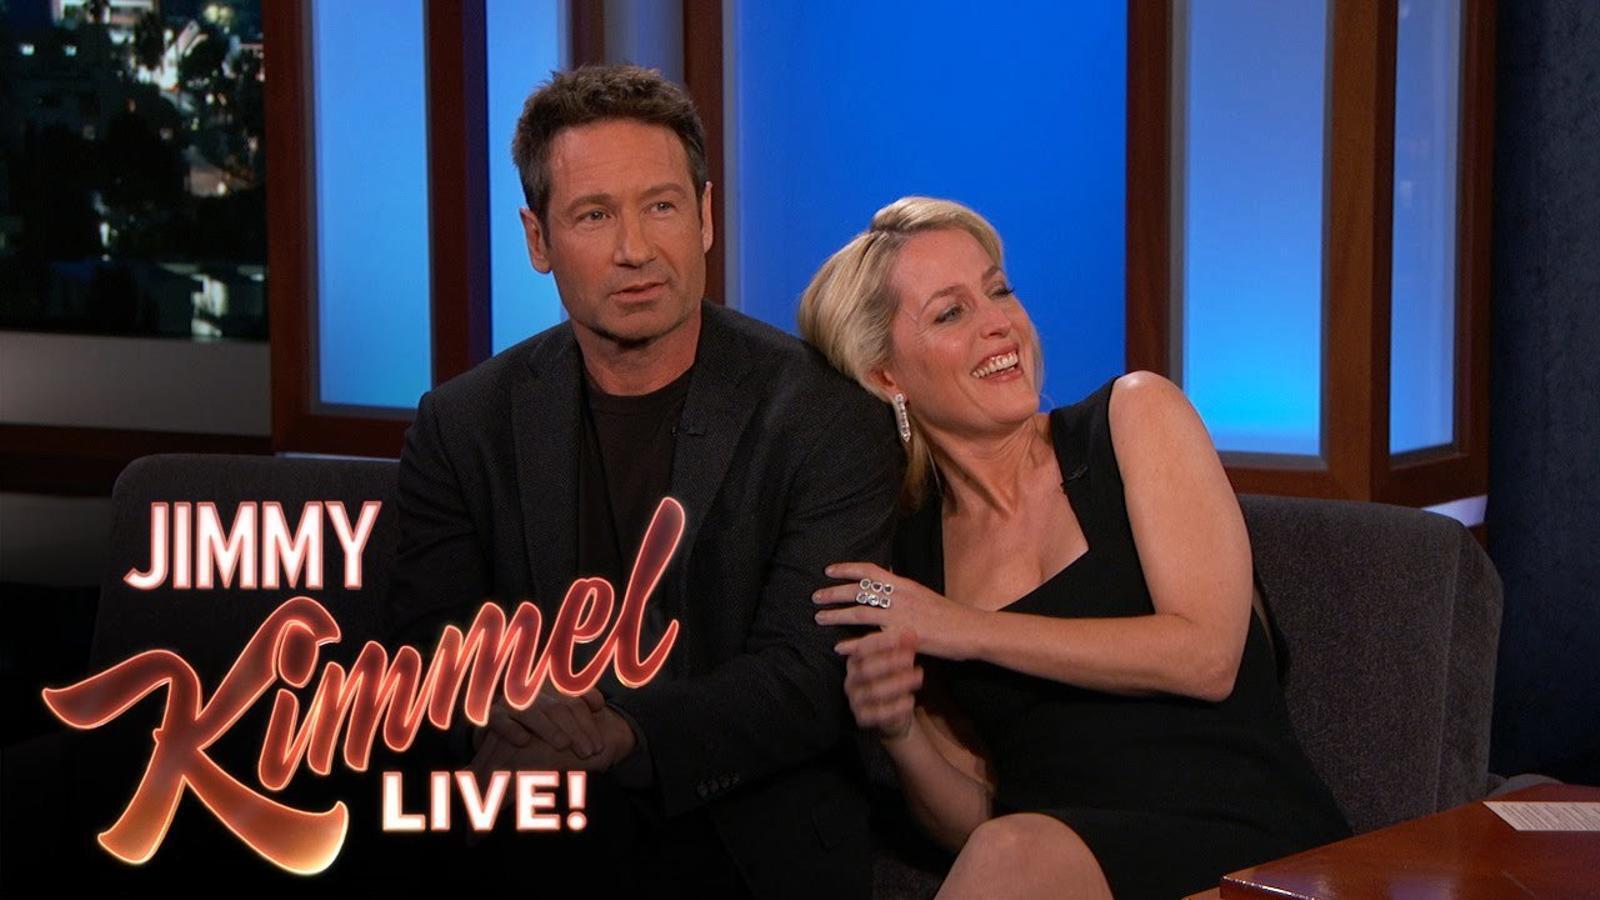 David Duchovny i Gillian Anderson parlen de la seva mala relació als anys 90